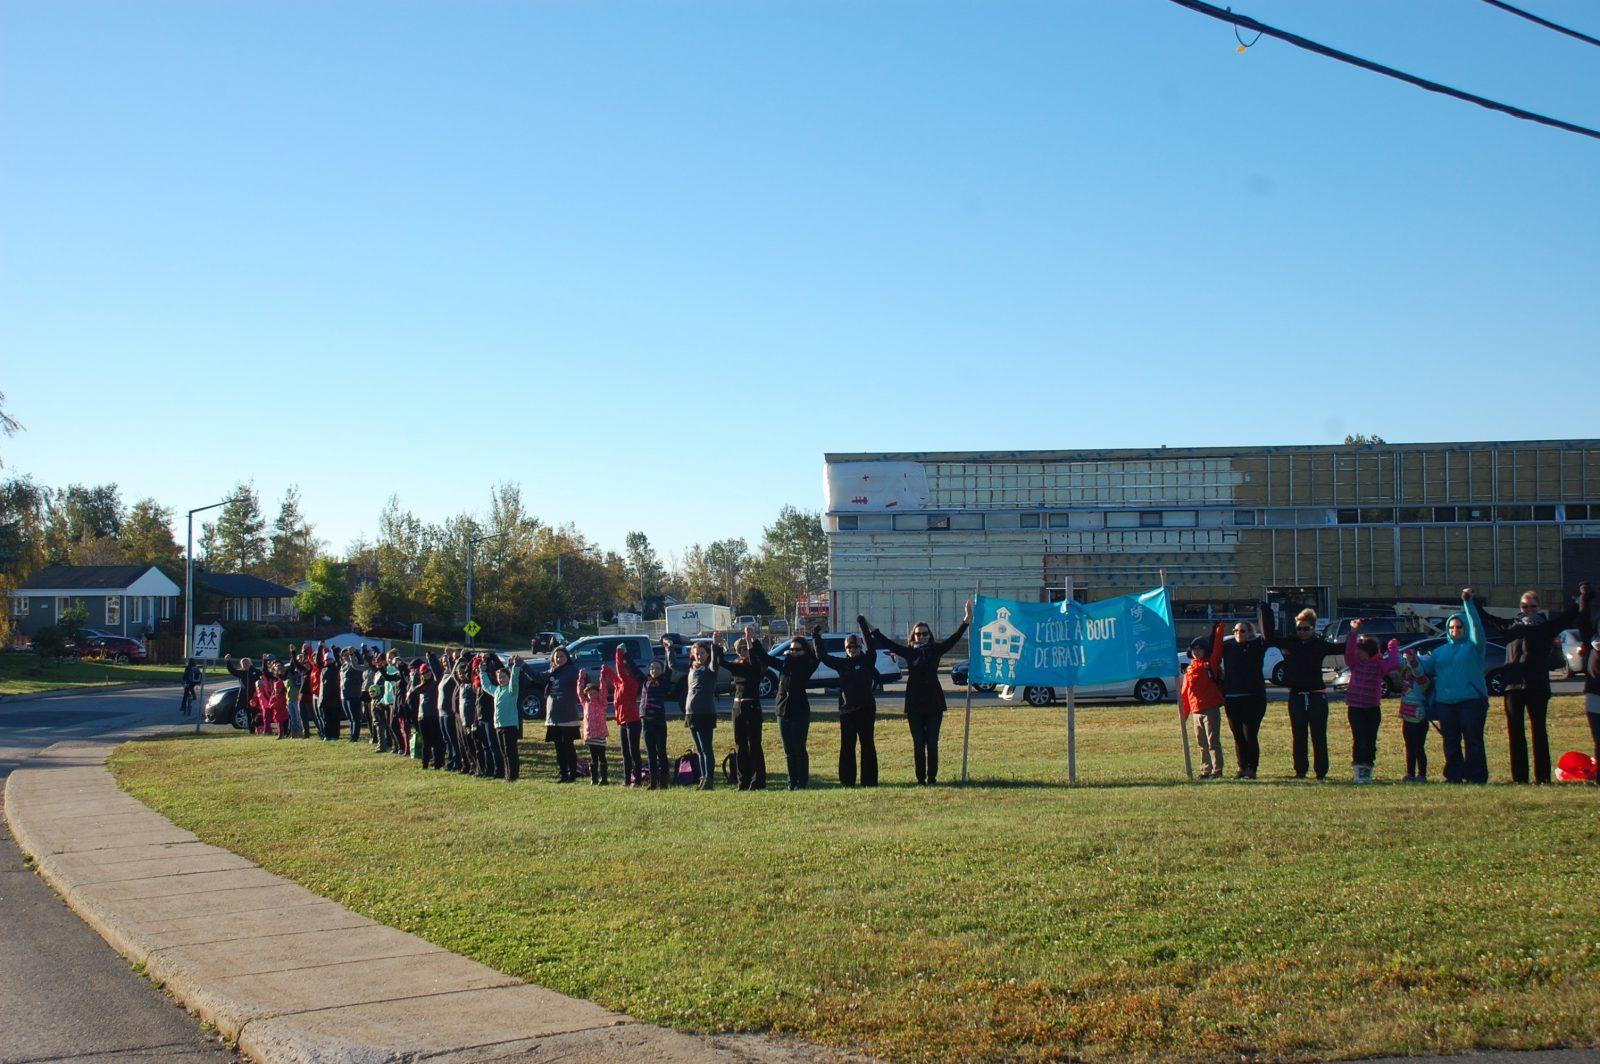 Compressions scolaires: Chaînes humaines autour des écoles de la région